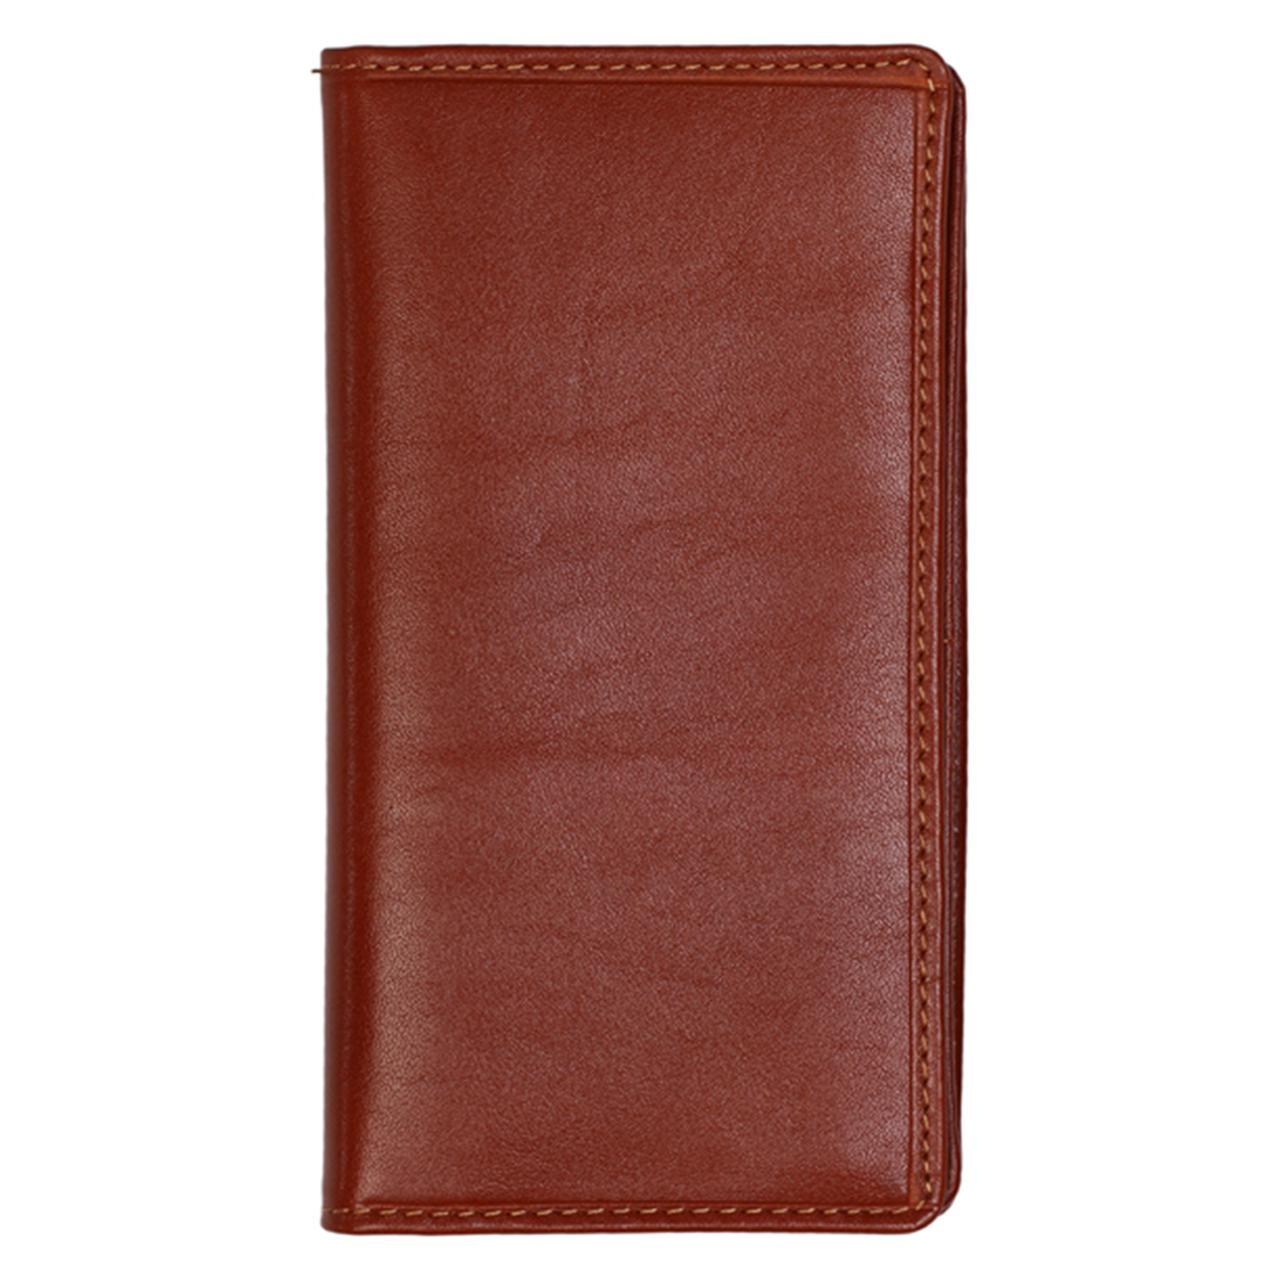 کیف پول رویال چرم کد M2-Brown